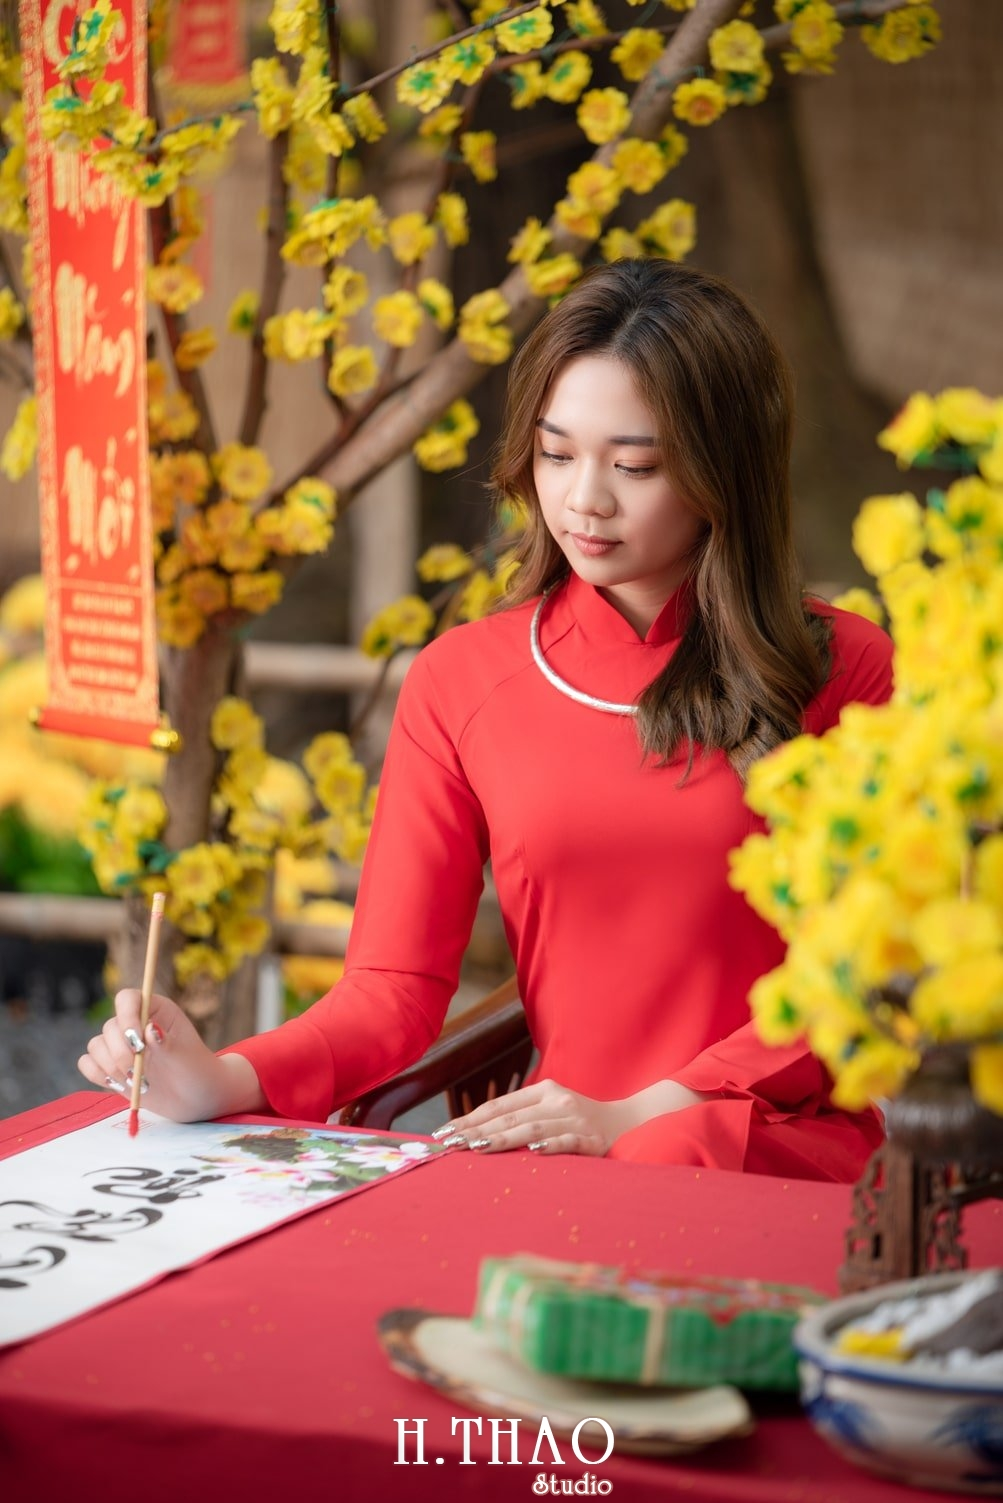 Ao dai tet do 18 - Top 40 ảnh áo dài chụp với Hoa đào, hoa mai tết tuyệt đẹp- HThao Studio